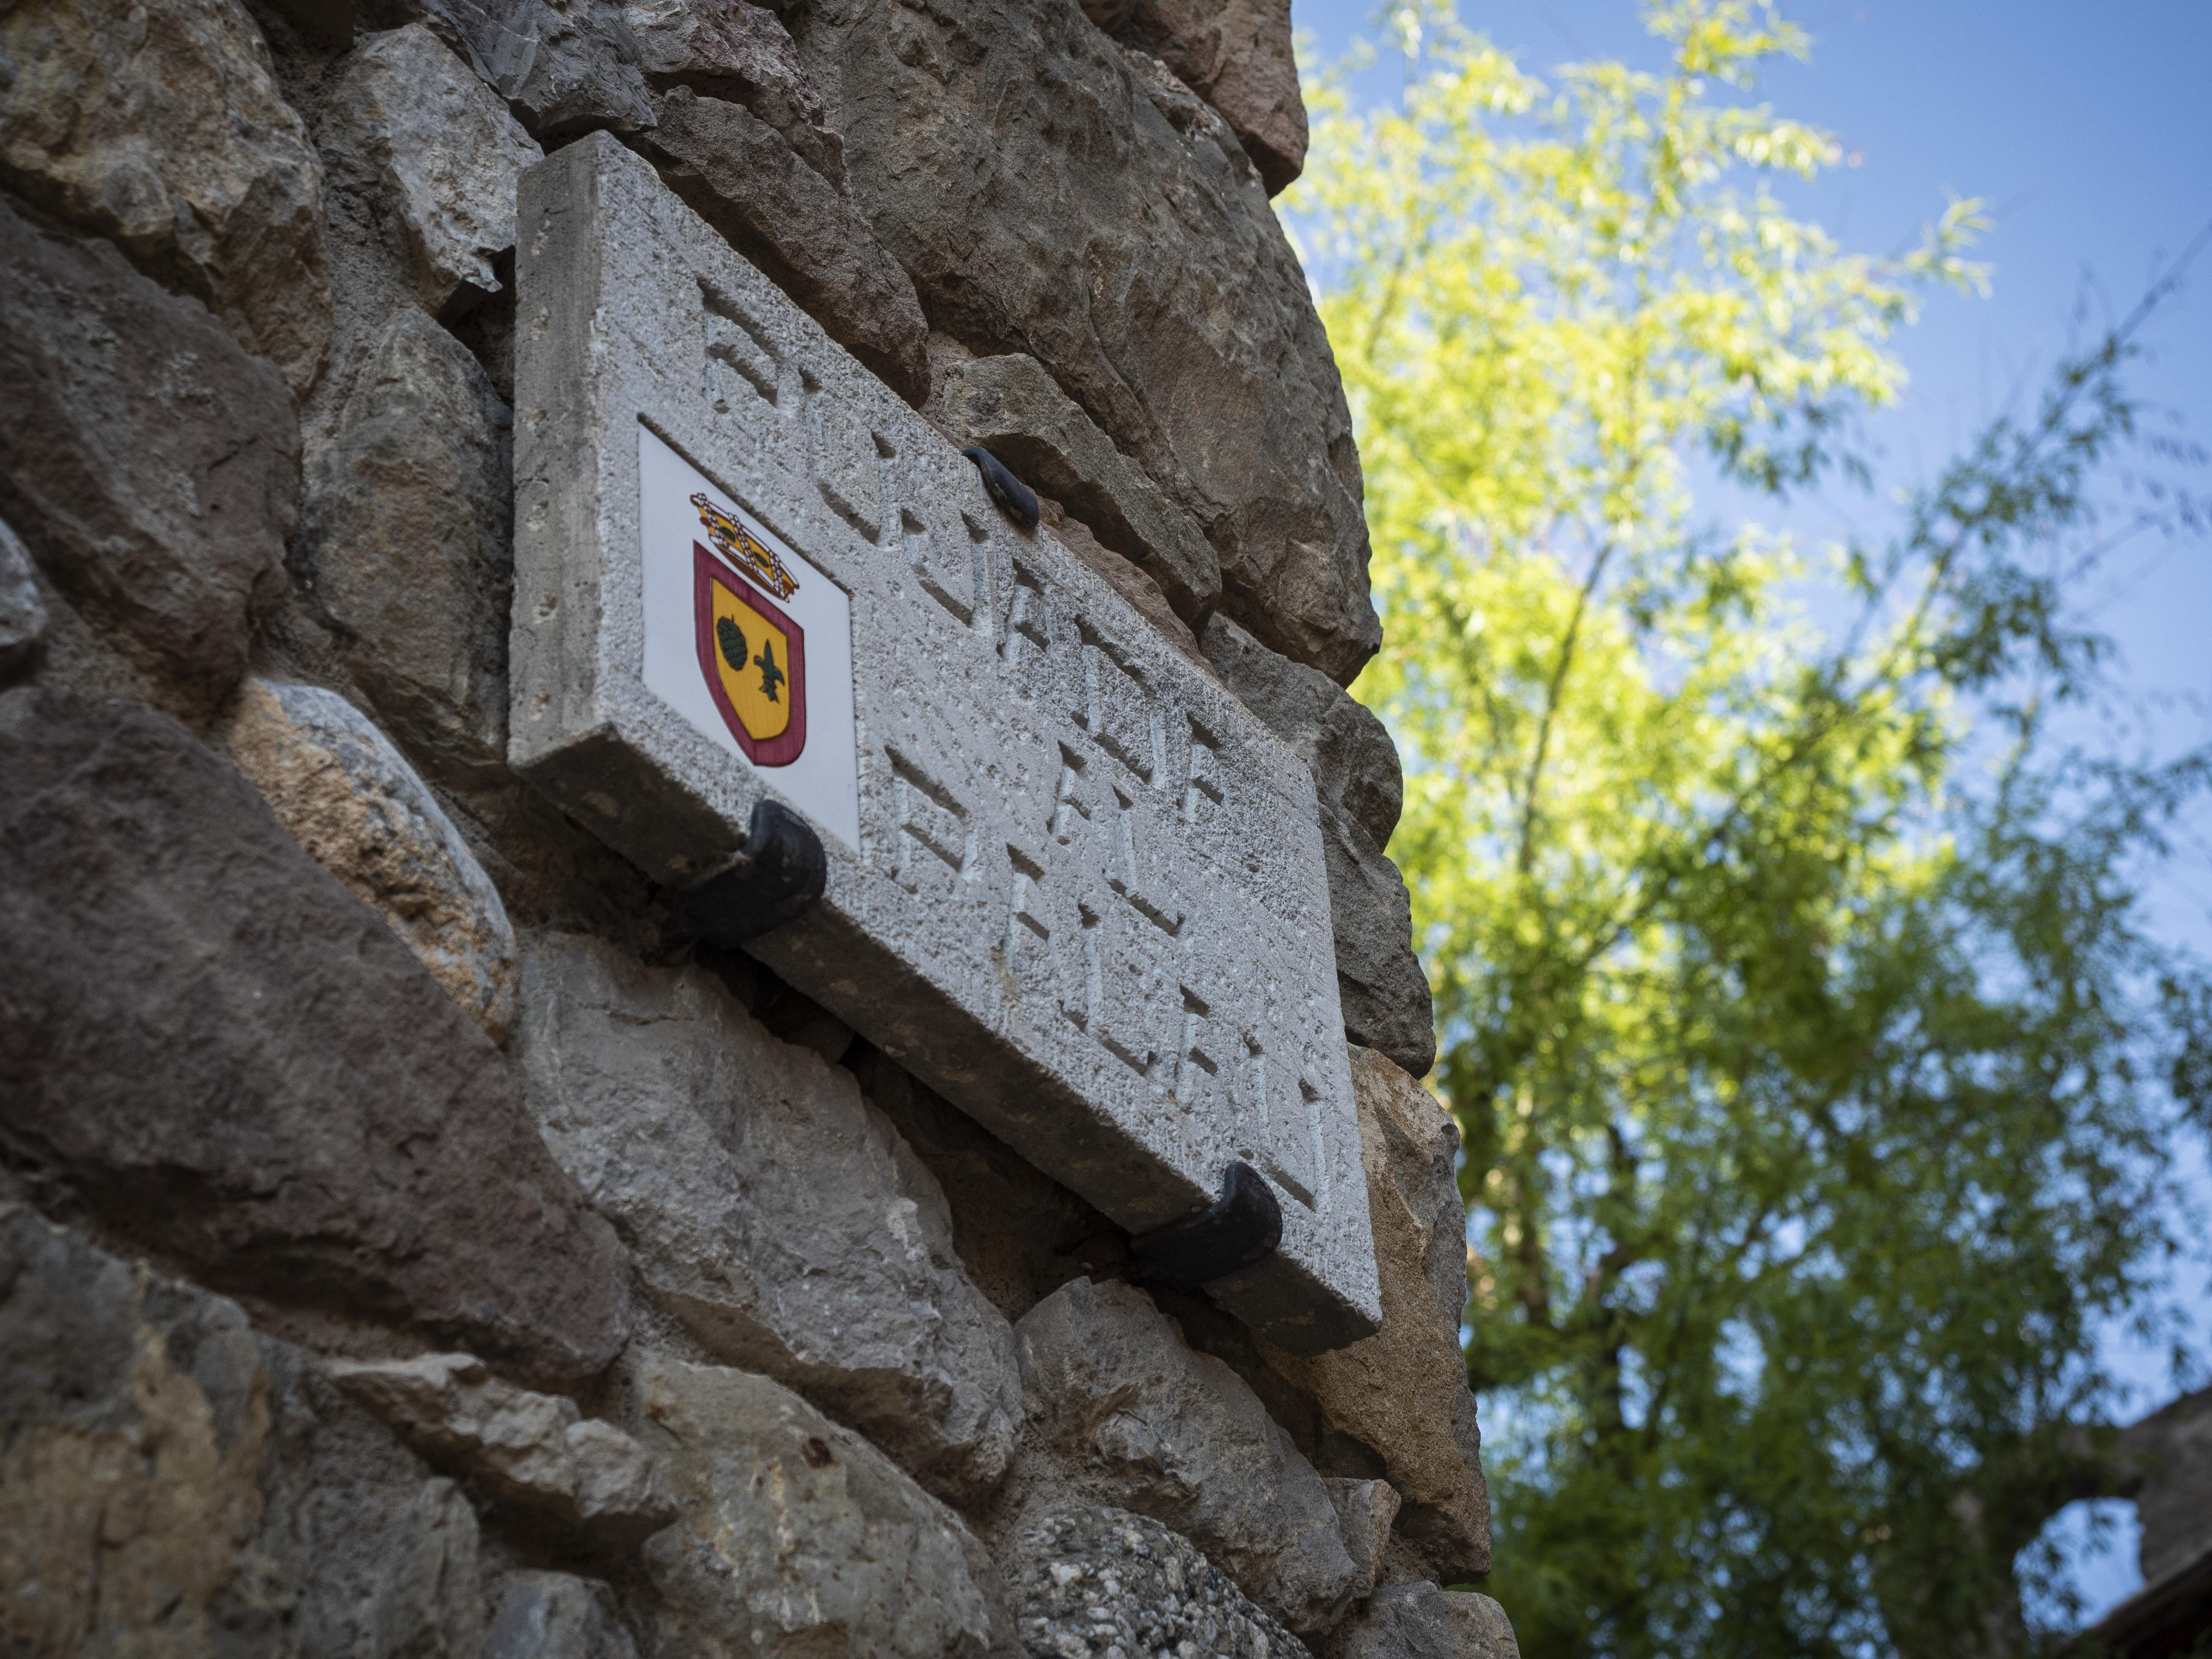 Bagà, una vila medieval 11. FOTO: Anna E. Puig